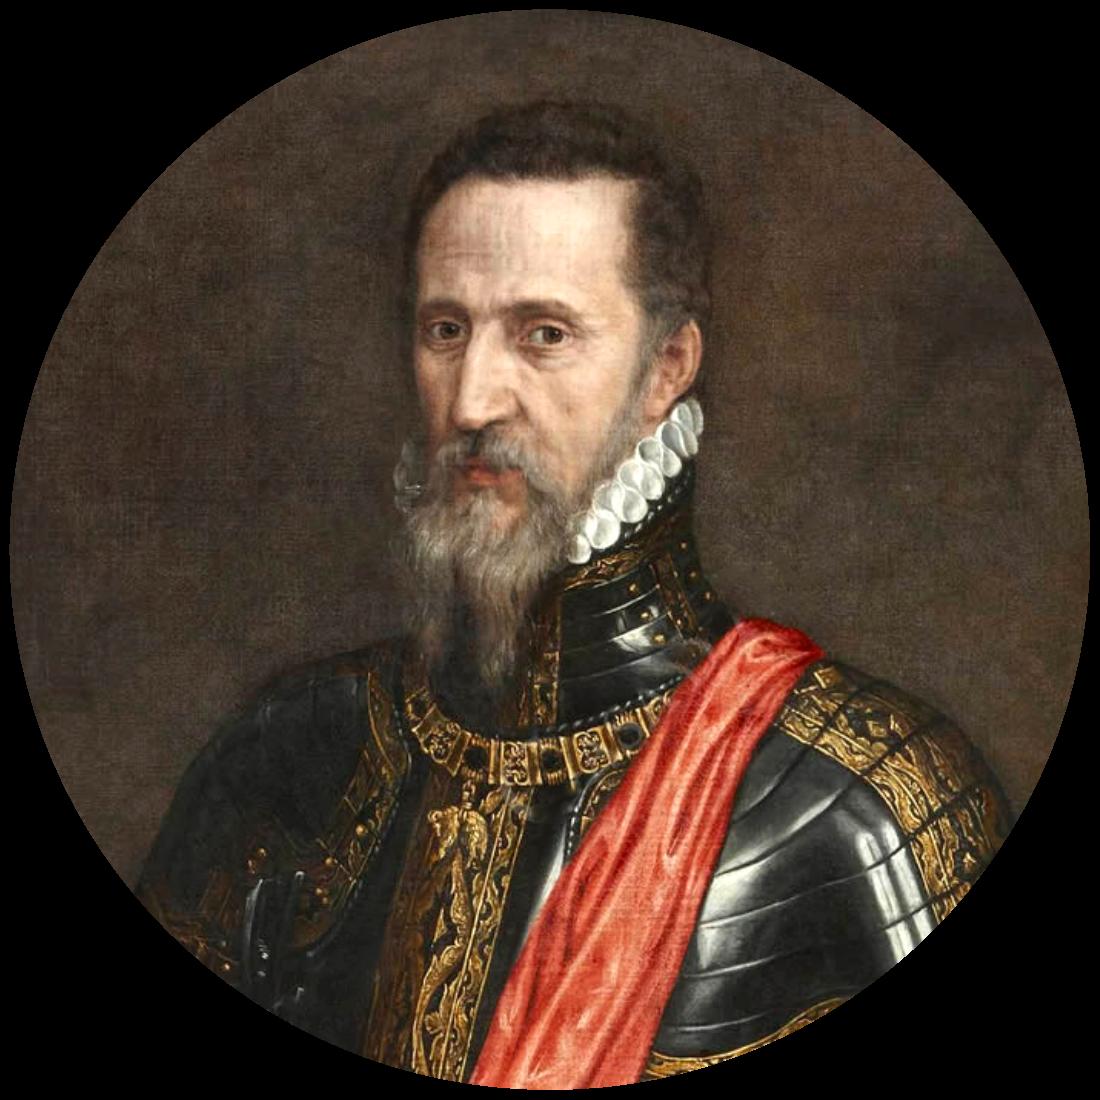 Portret van Fernando Álvarez de Toledo, de Hertog van Alva door Antonis Mor (1549), Liria Palace, Madrid. Bron:  https://commons.wikimedia.org/wiki/File:Fernando_Álvarez_de_Toledo,_III_Duque_de_Alba,_por_Antonio_Moro.jpg